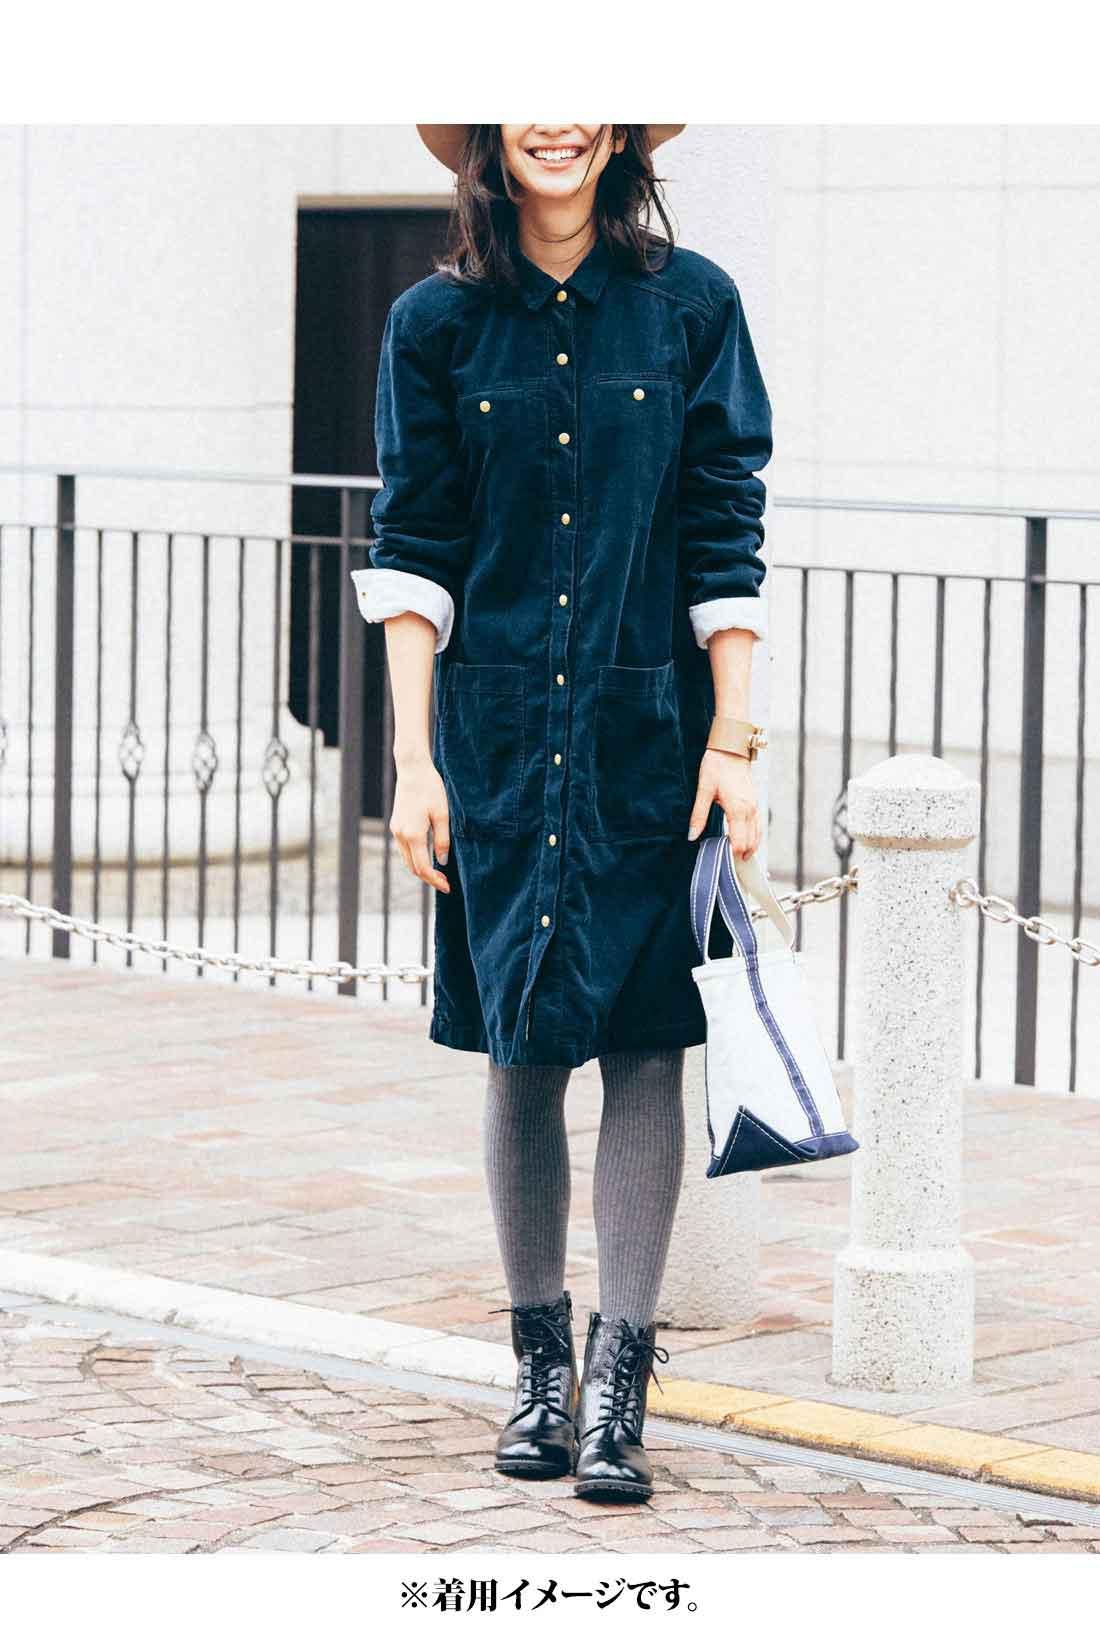 大人っぽい印象のネイビー【コーデュロイ】 小さめの衿がこなれ感を演出。 大きめポケットだから、手ぶらでお出かけもOK!